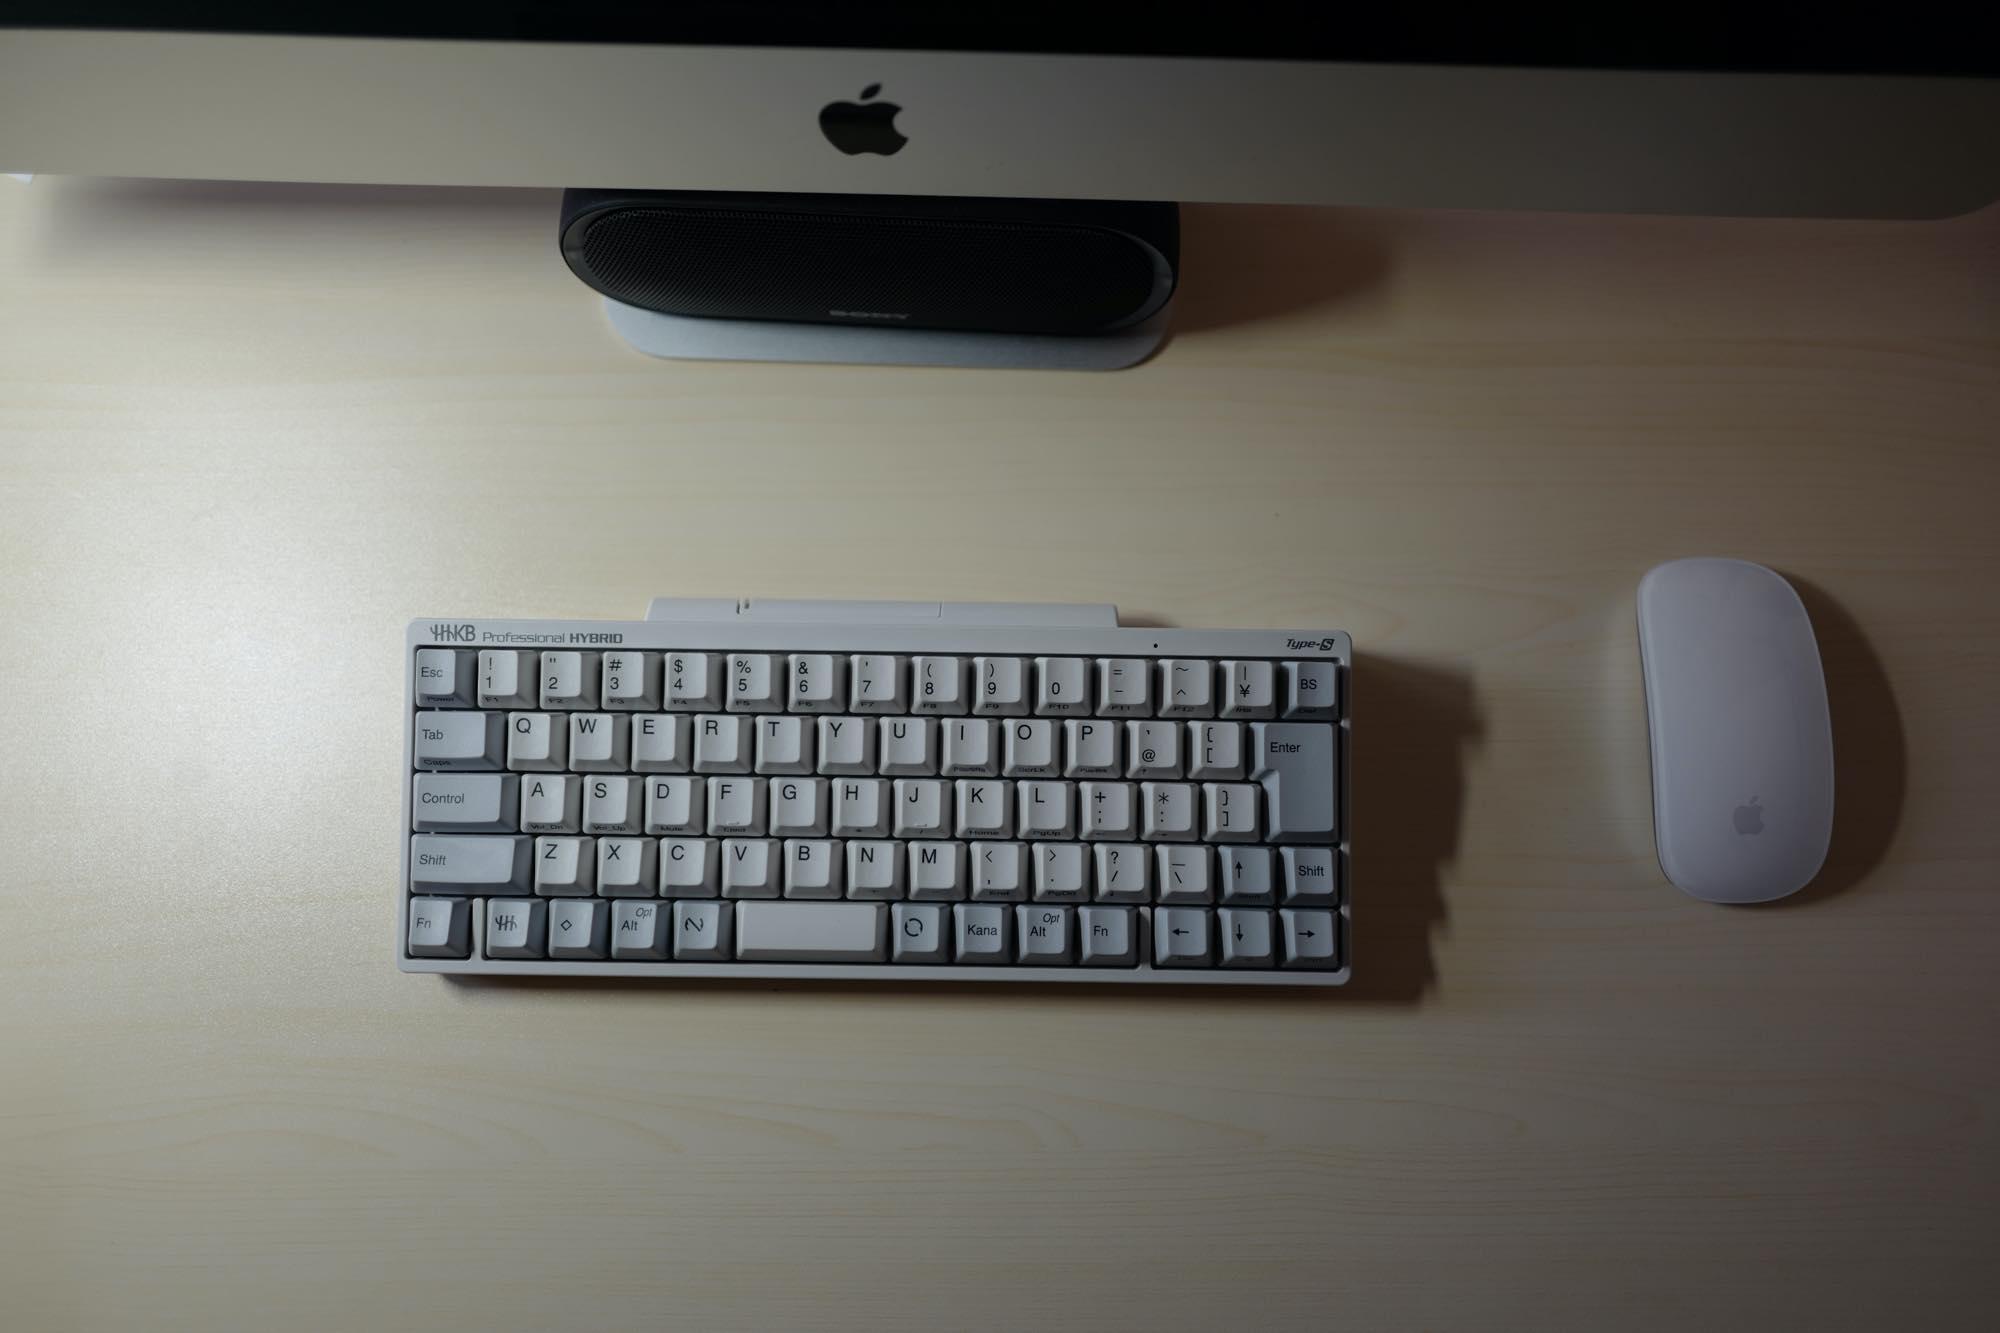 iMacとHHKB